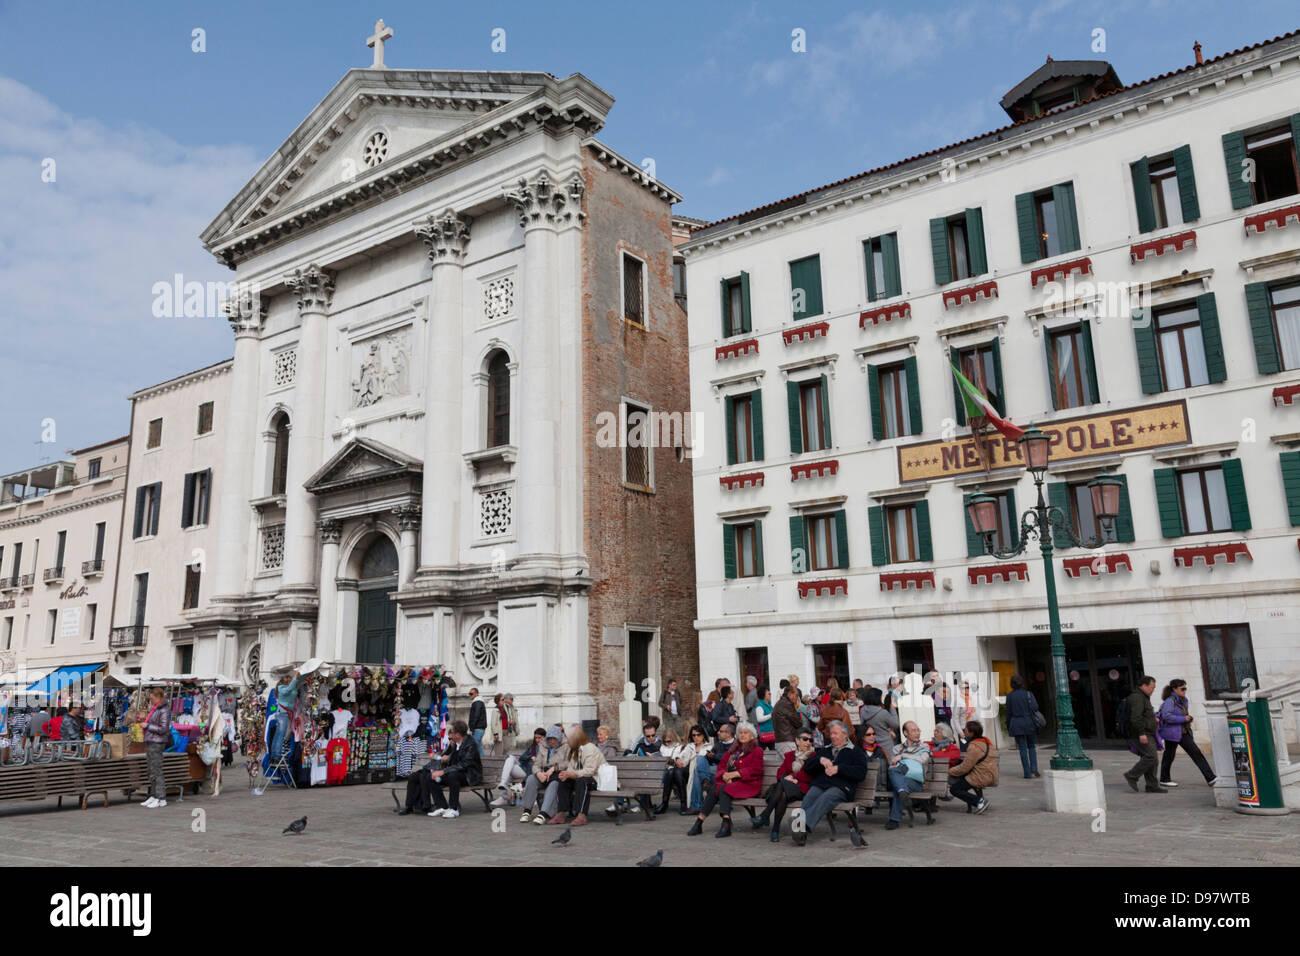 Hotel Metropole, Riva degli Schiavoni, Venice, Italy - Stock Image